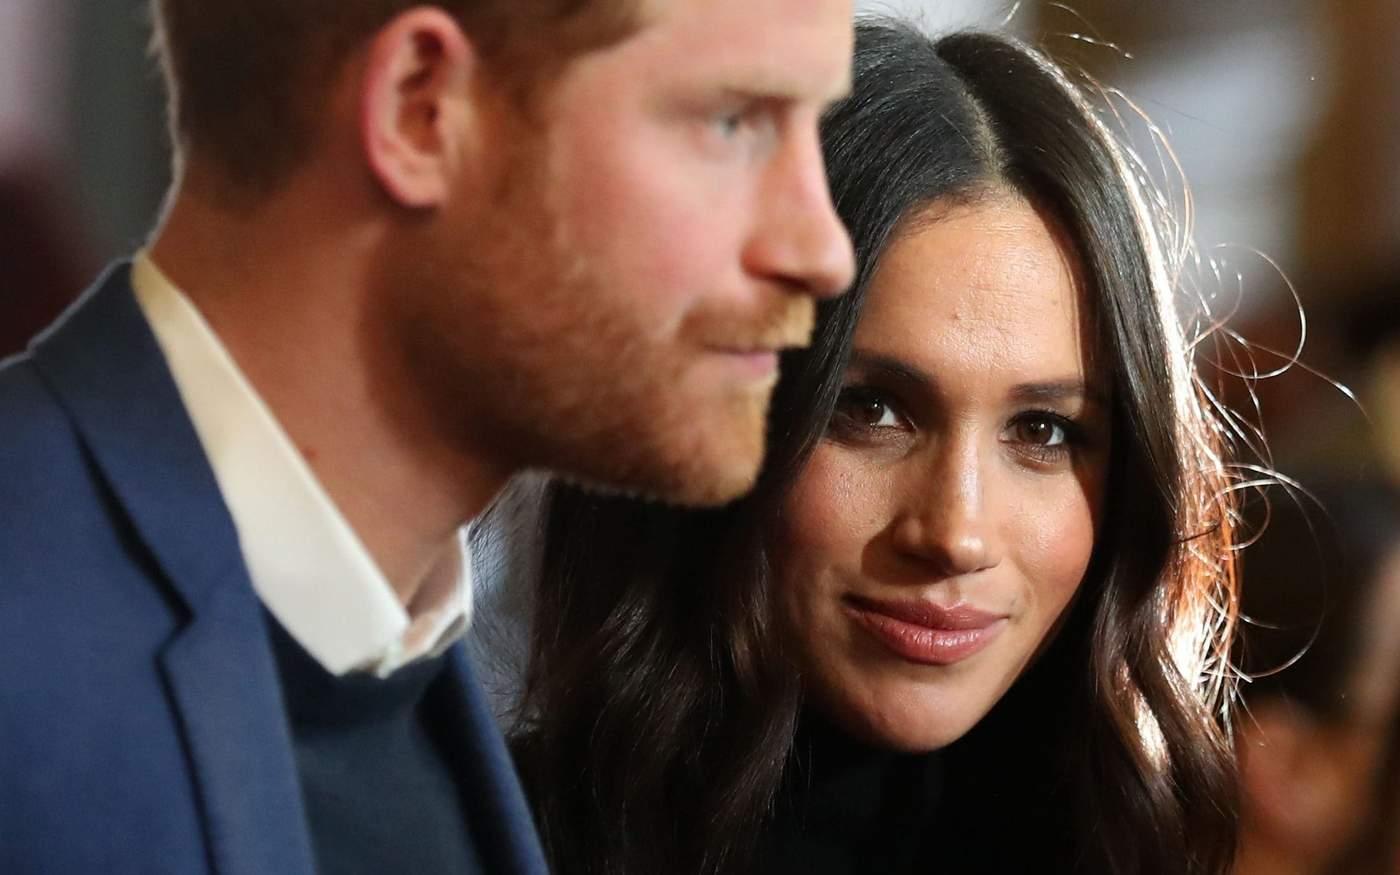 Принц Гарри и Меган Маркл судятся с британским таблоидом